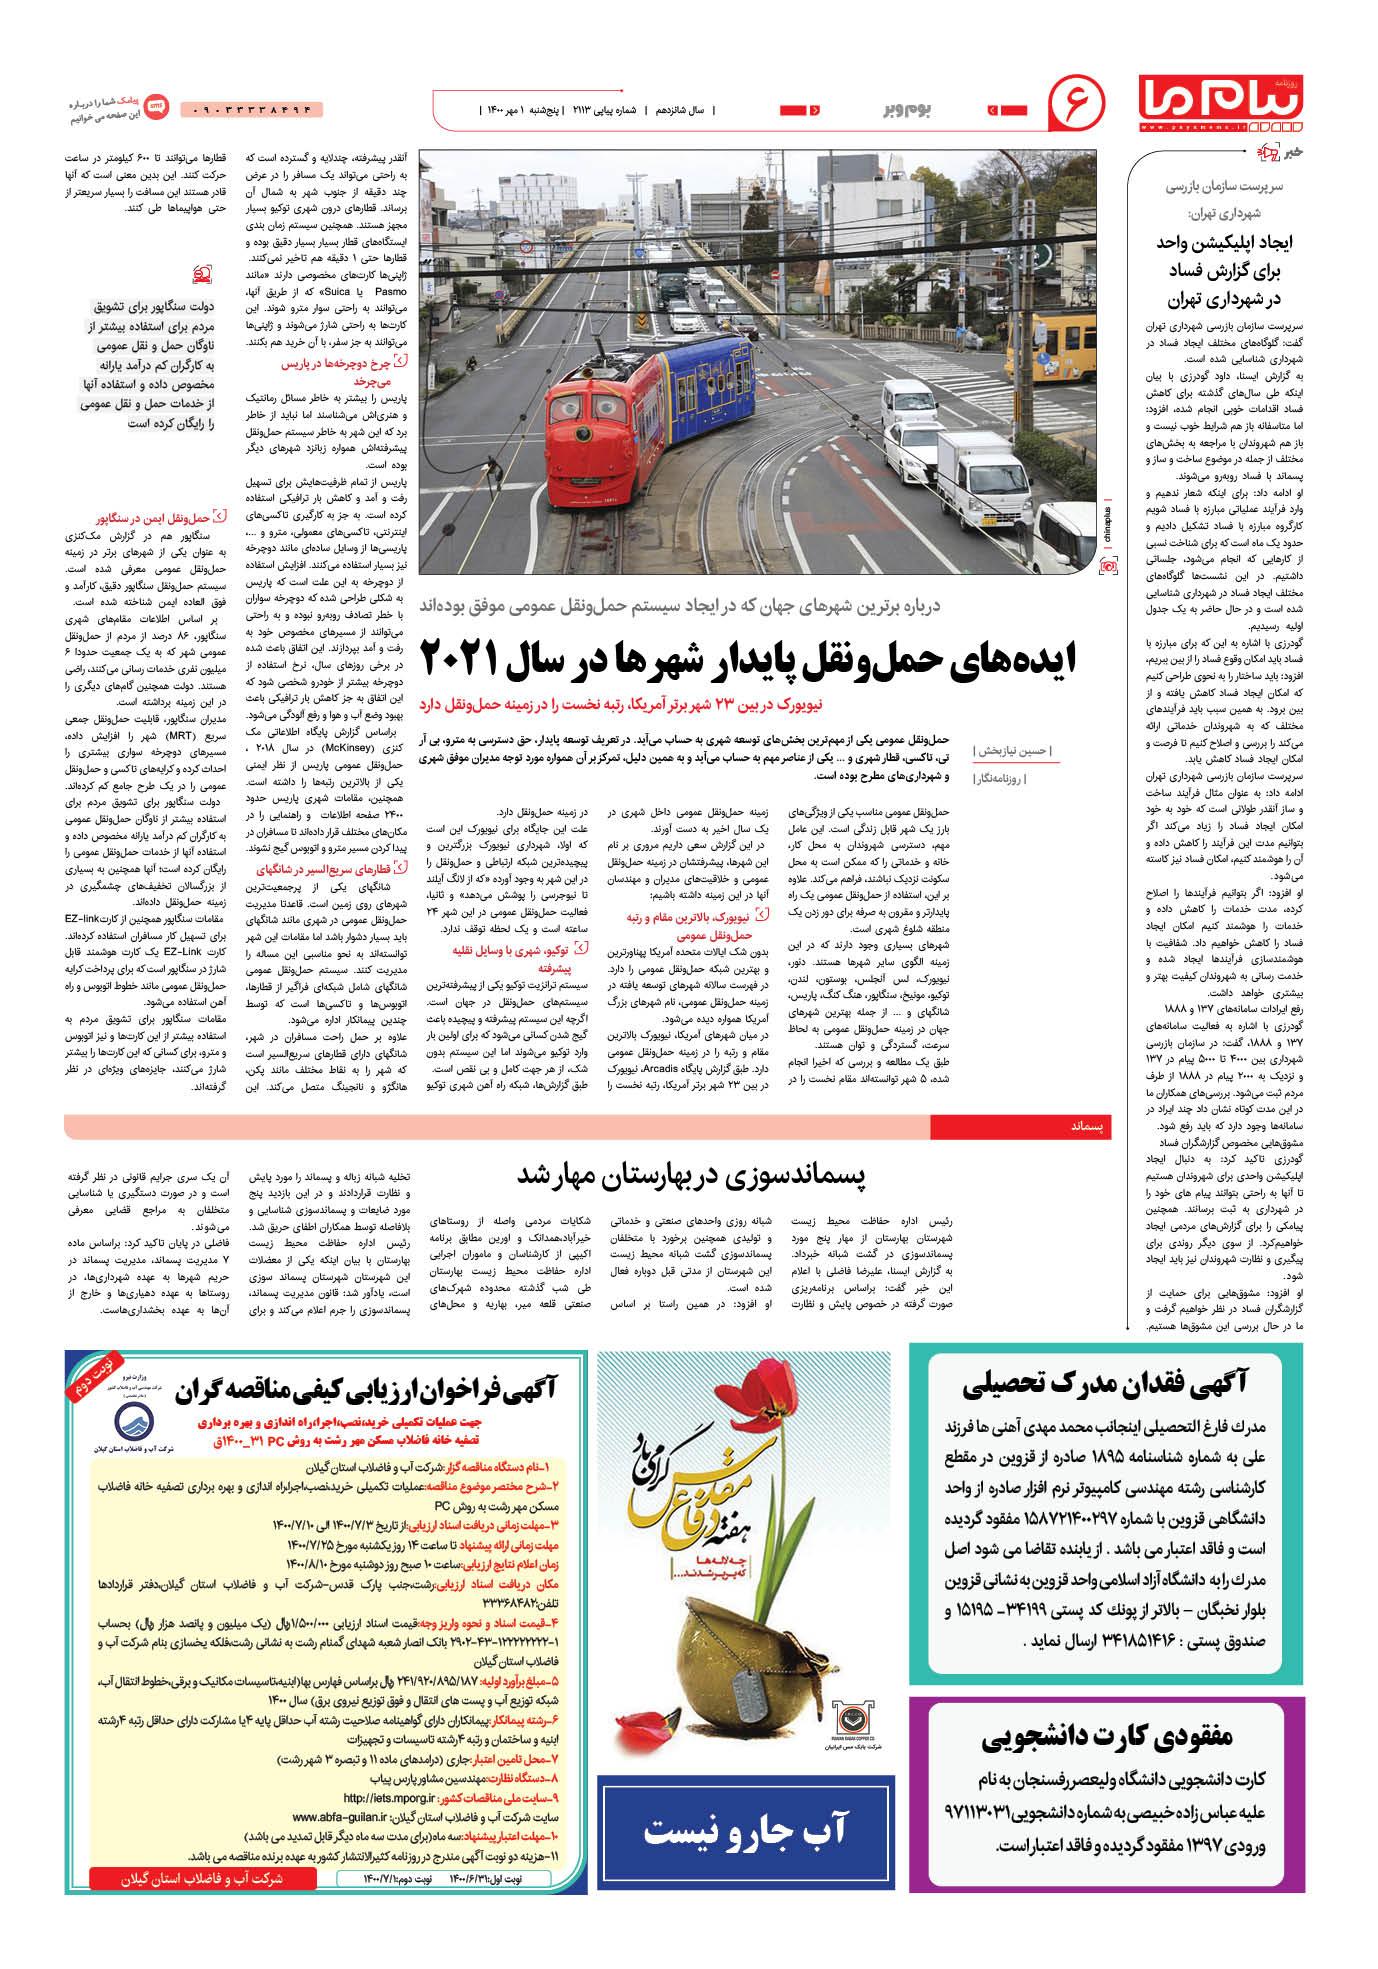 صفحه بوم و بر شماره 2113 روزنامه پیام ما